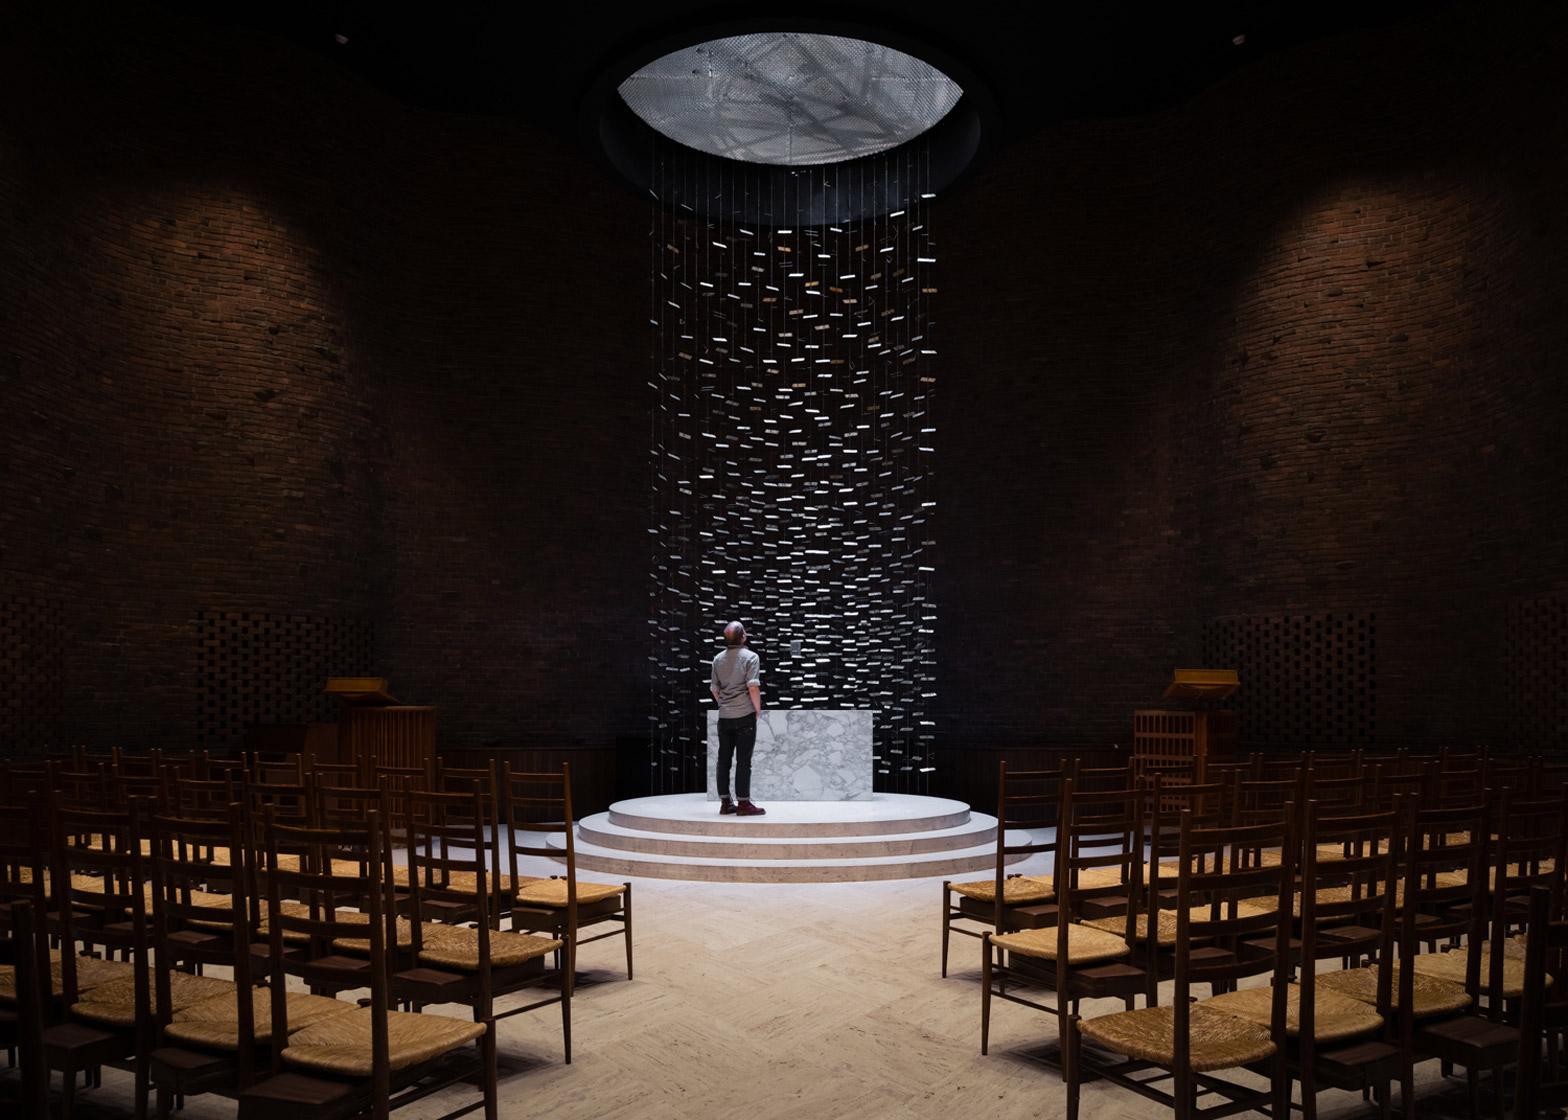 mit-chapel-eero-saarinen-photography-jim-stephenson_dezeen_1568_5.jpg